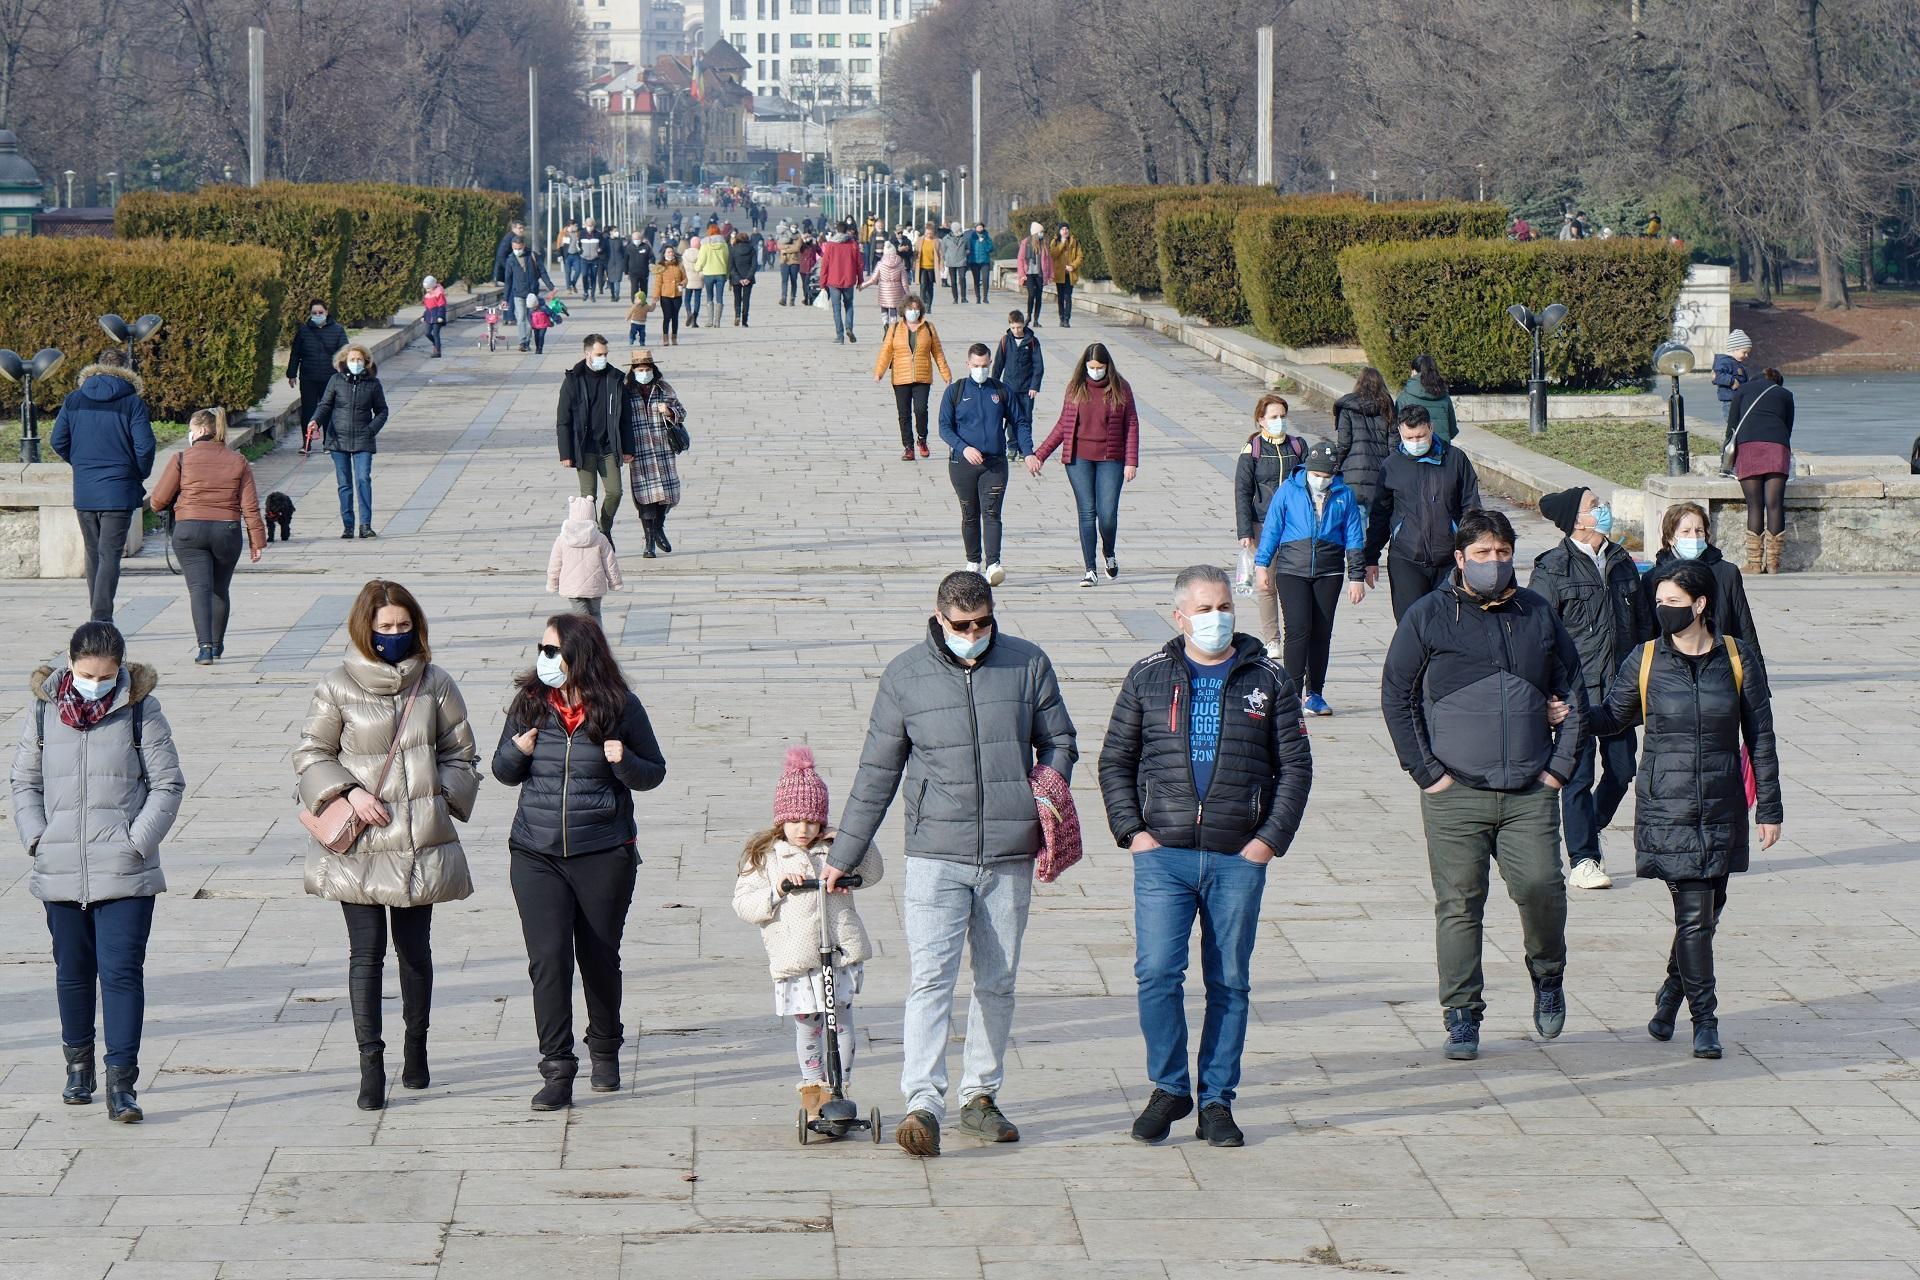 Rata de infectare în București a ajuns la 4,35 la mie